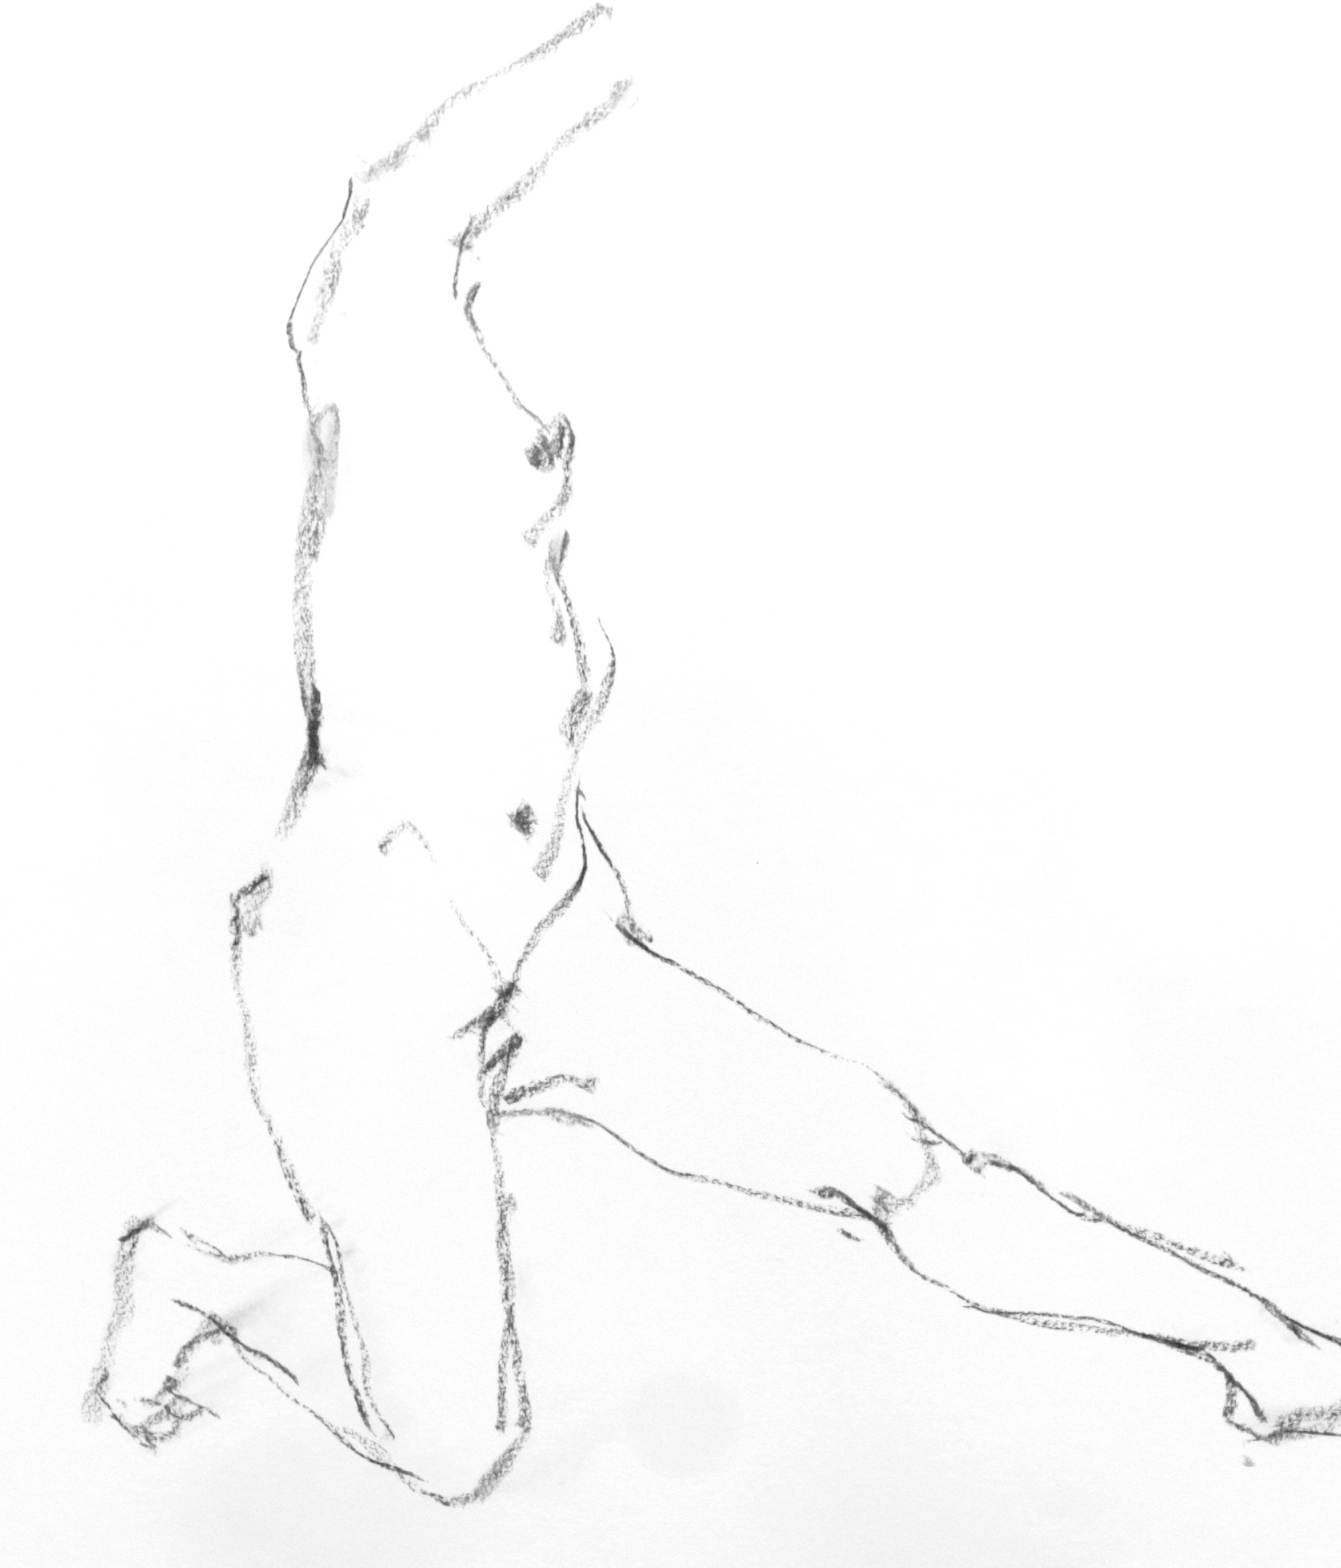 《 師走十二月の ― croquis・drawing・dessin・sketch・esquisse ― 12 》_f0159856_10225621.jpg